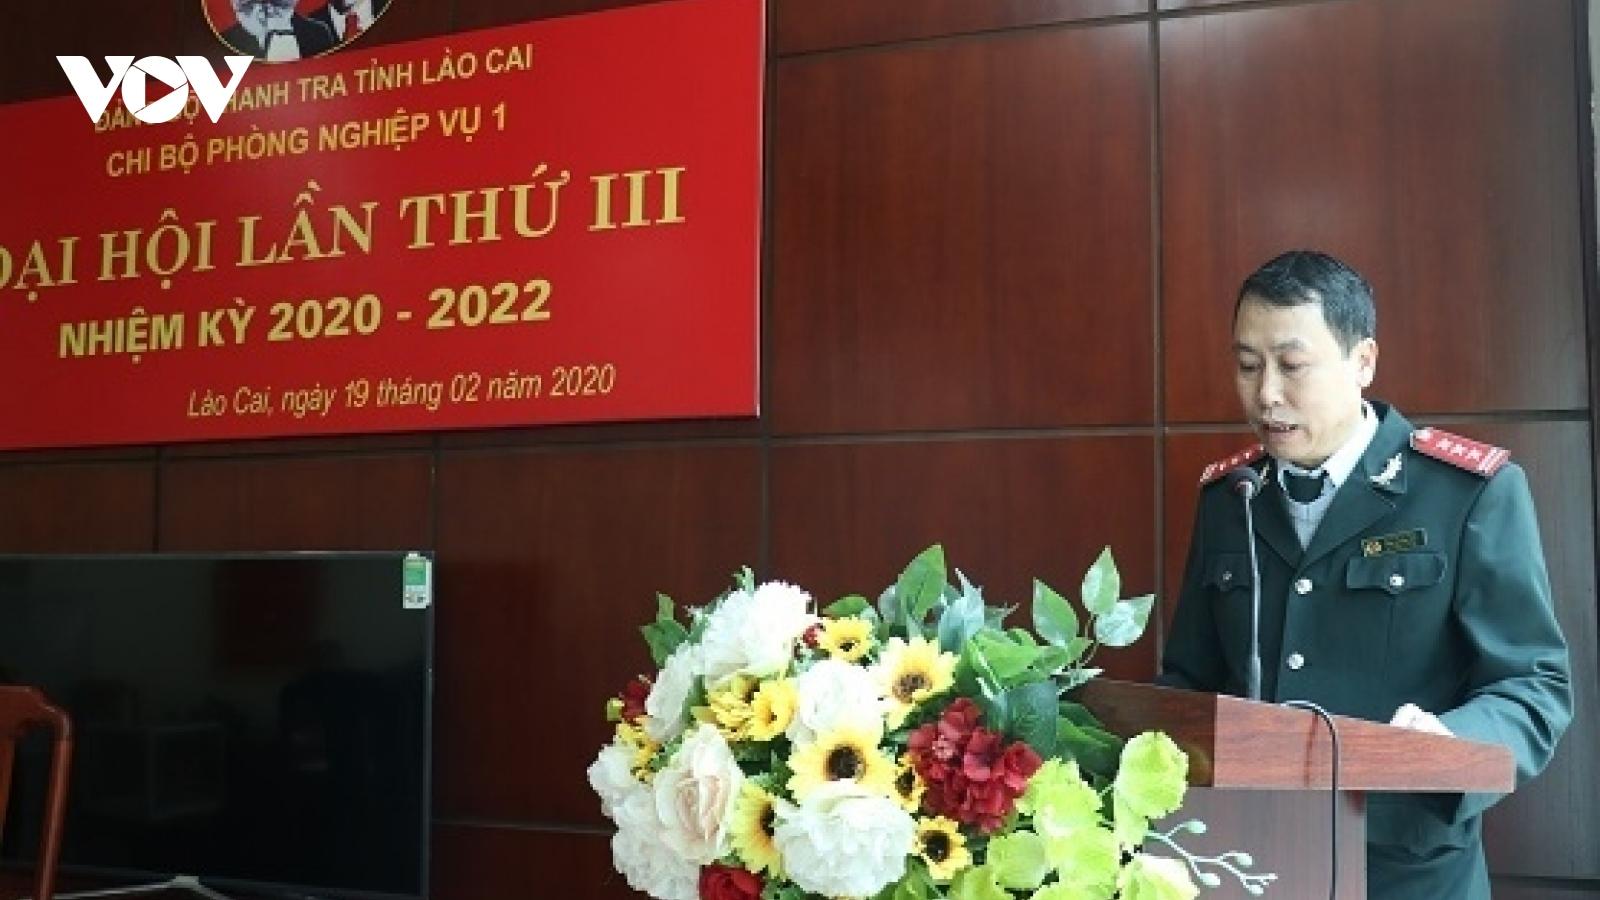 Tạm đình chỉ công tác Chánh Thanh tra tỉnh Lào Cai